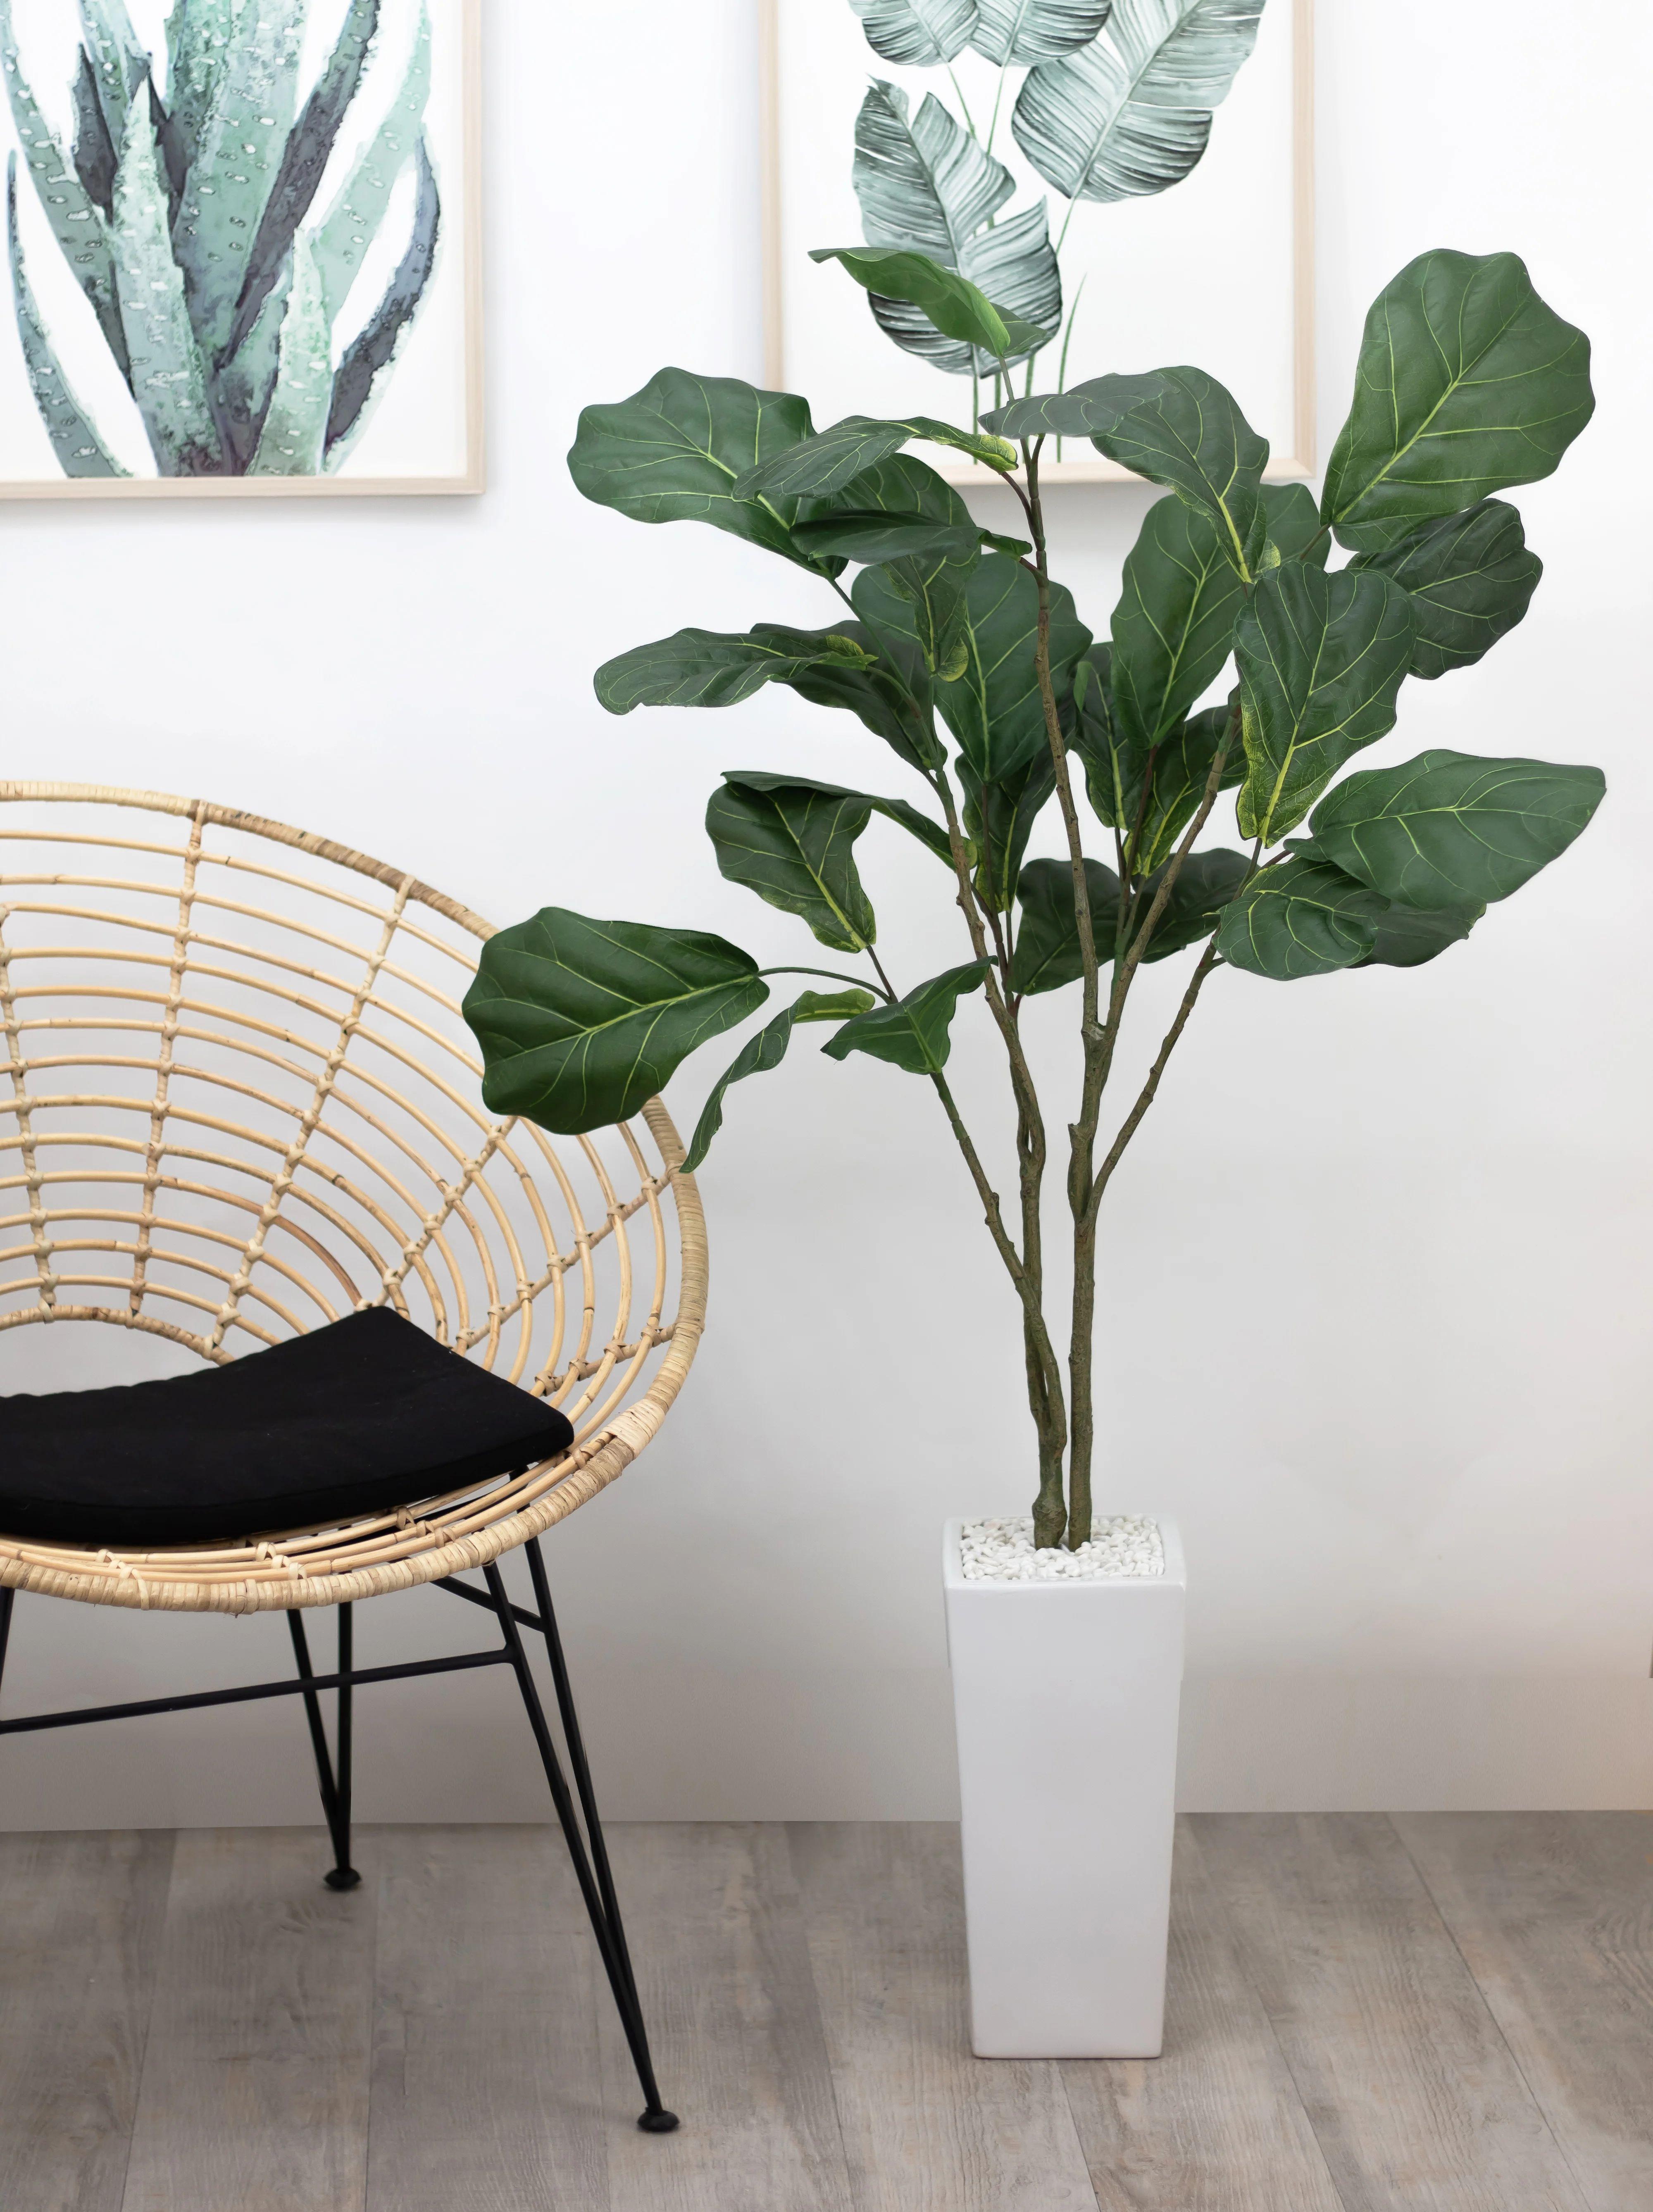 Ficus Lyrata En Pot Ceramique Blanc Plante Artificielle Ligne Deco Ht 125cm Leroy Merlin